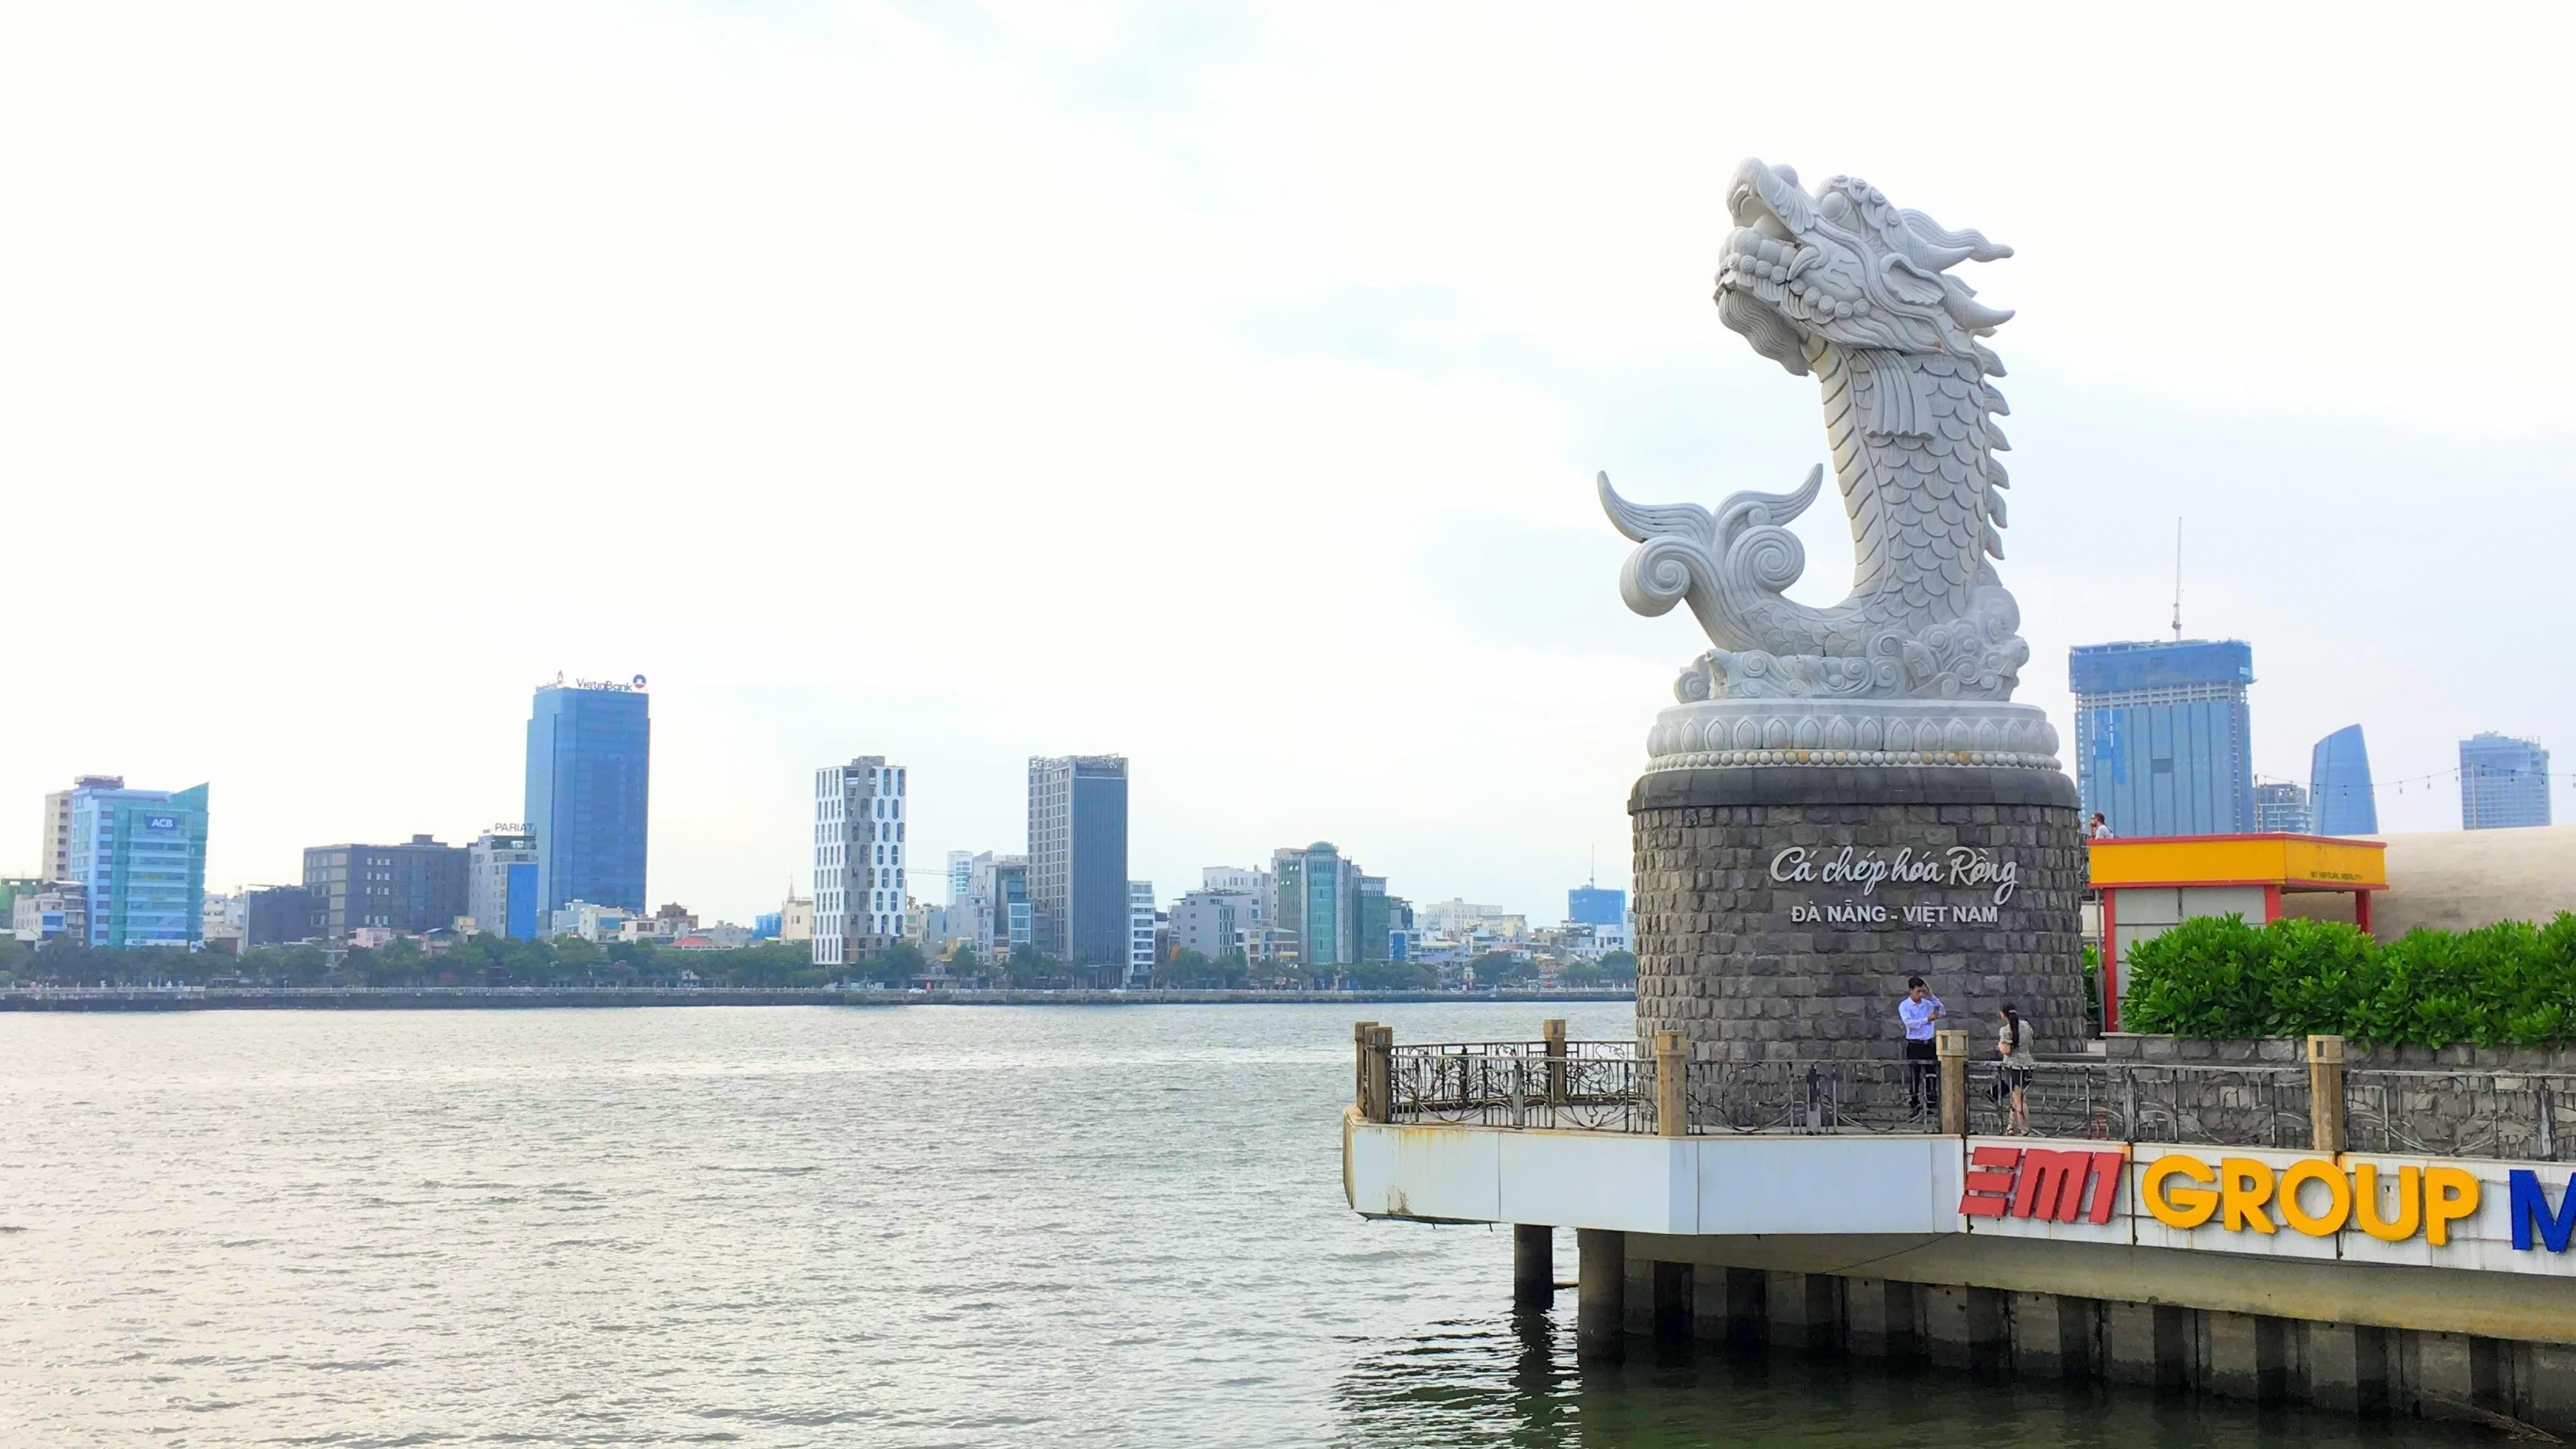 Các điểm du lịch nức tiếng Đà Nẵng trước kì nghỉ lễ 30/4 và 1/5 - Ảnh 2.